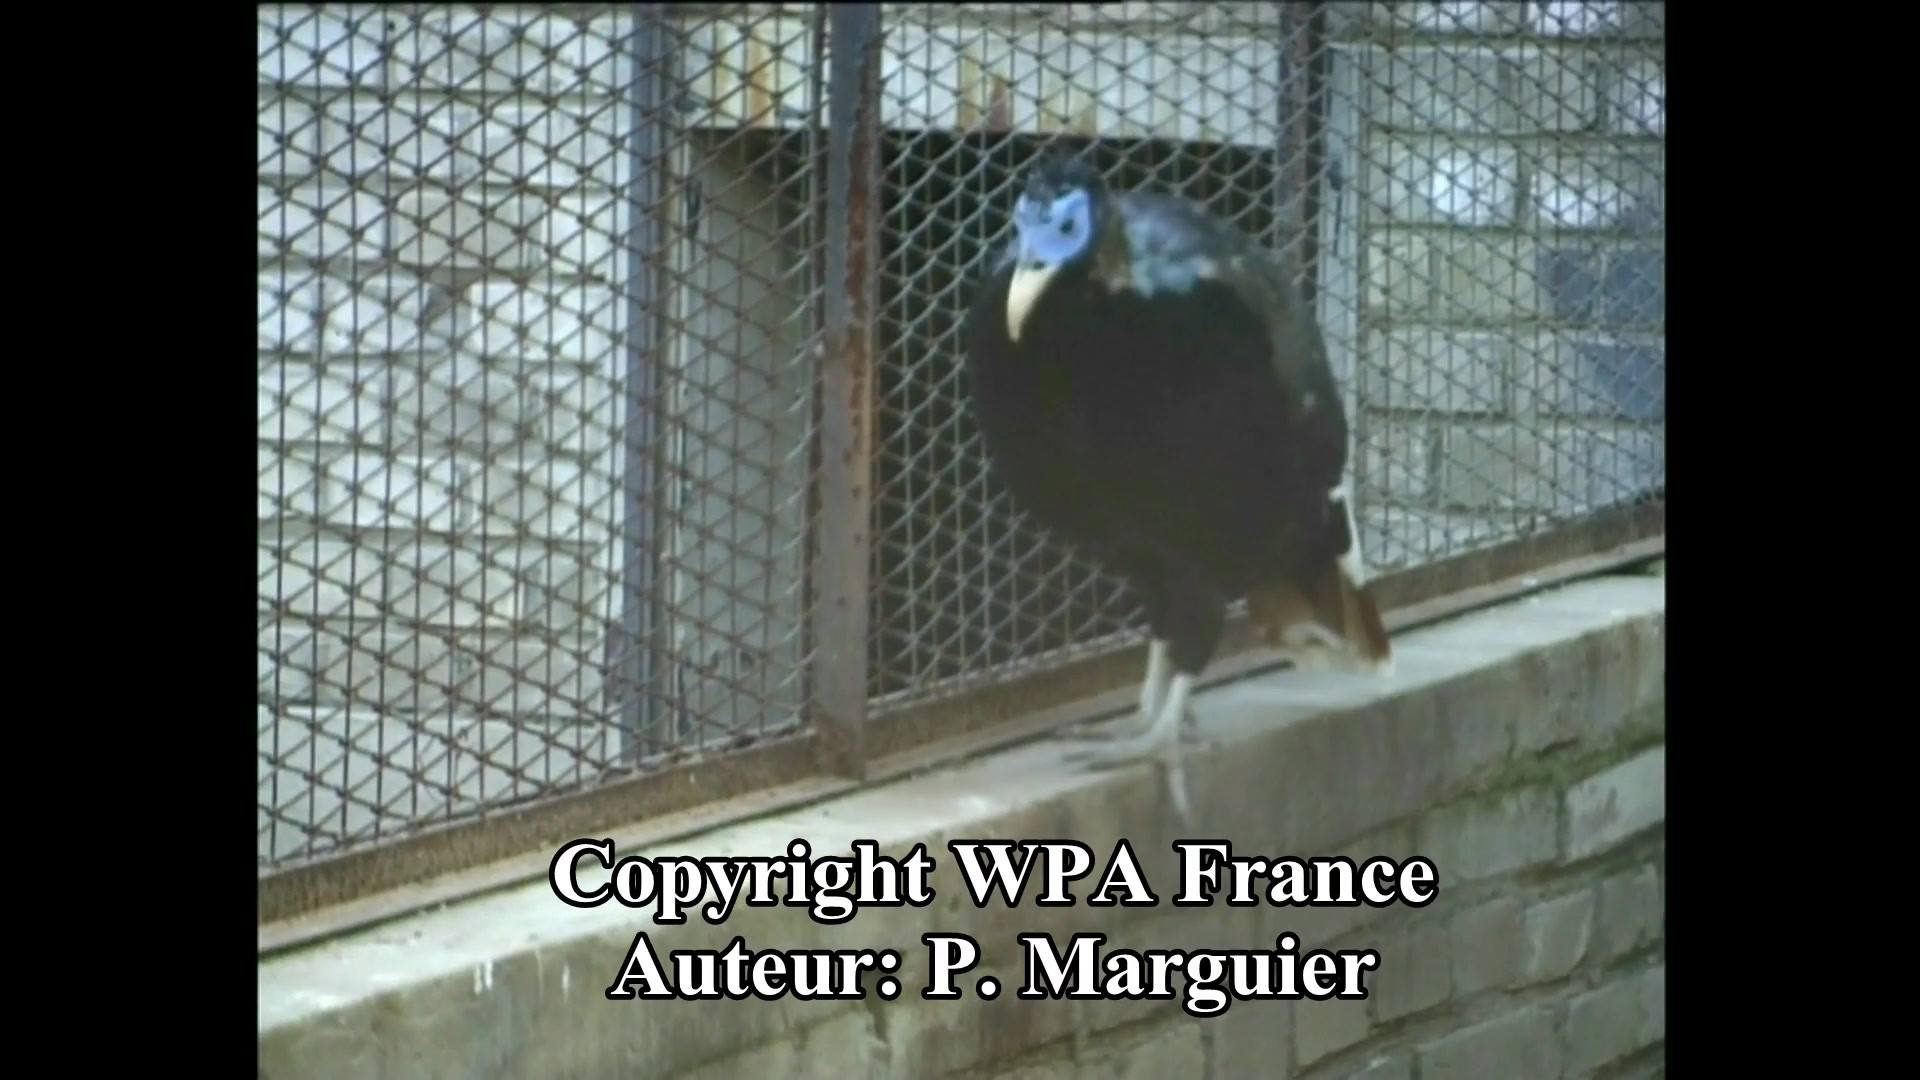 p-lophophore-de-sclater-p.-marguier-wpa.